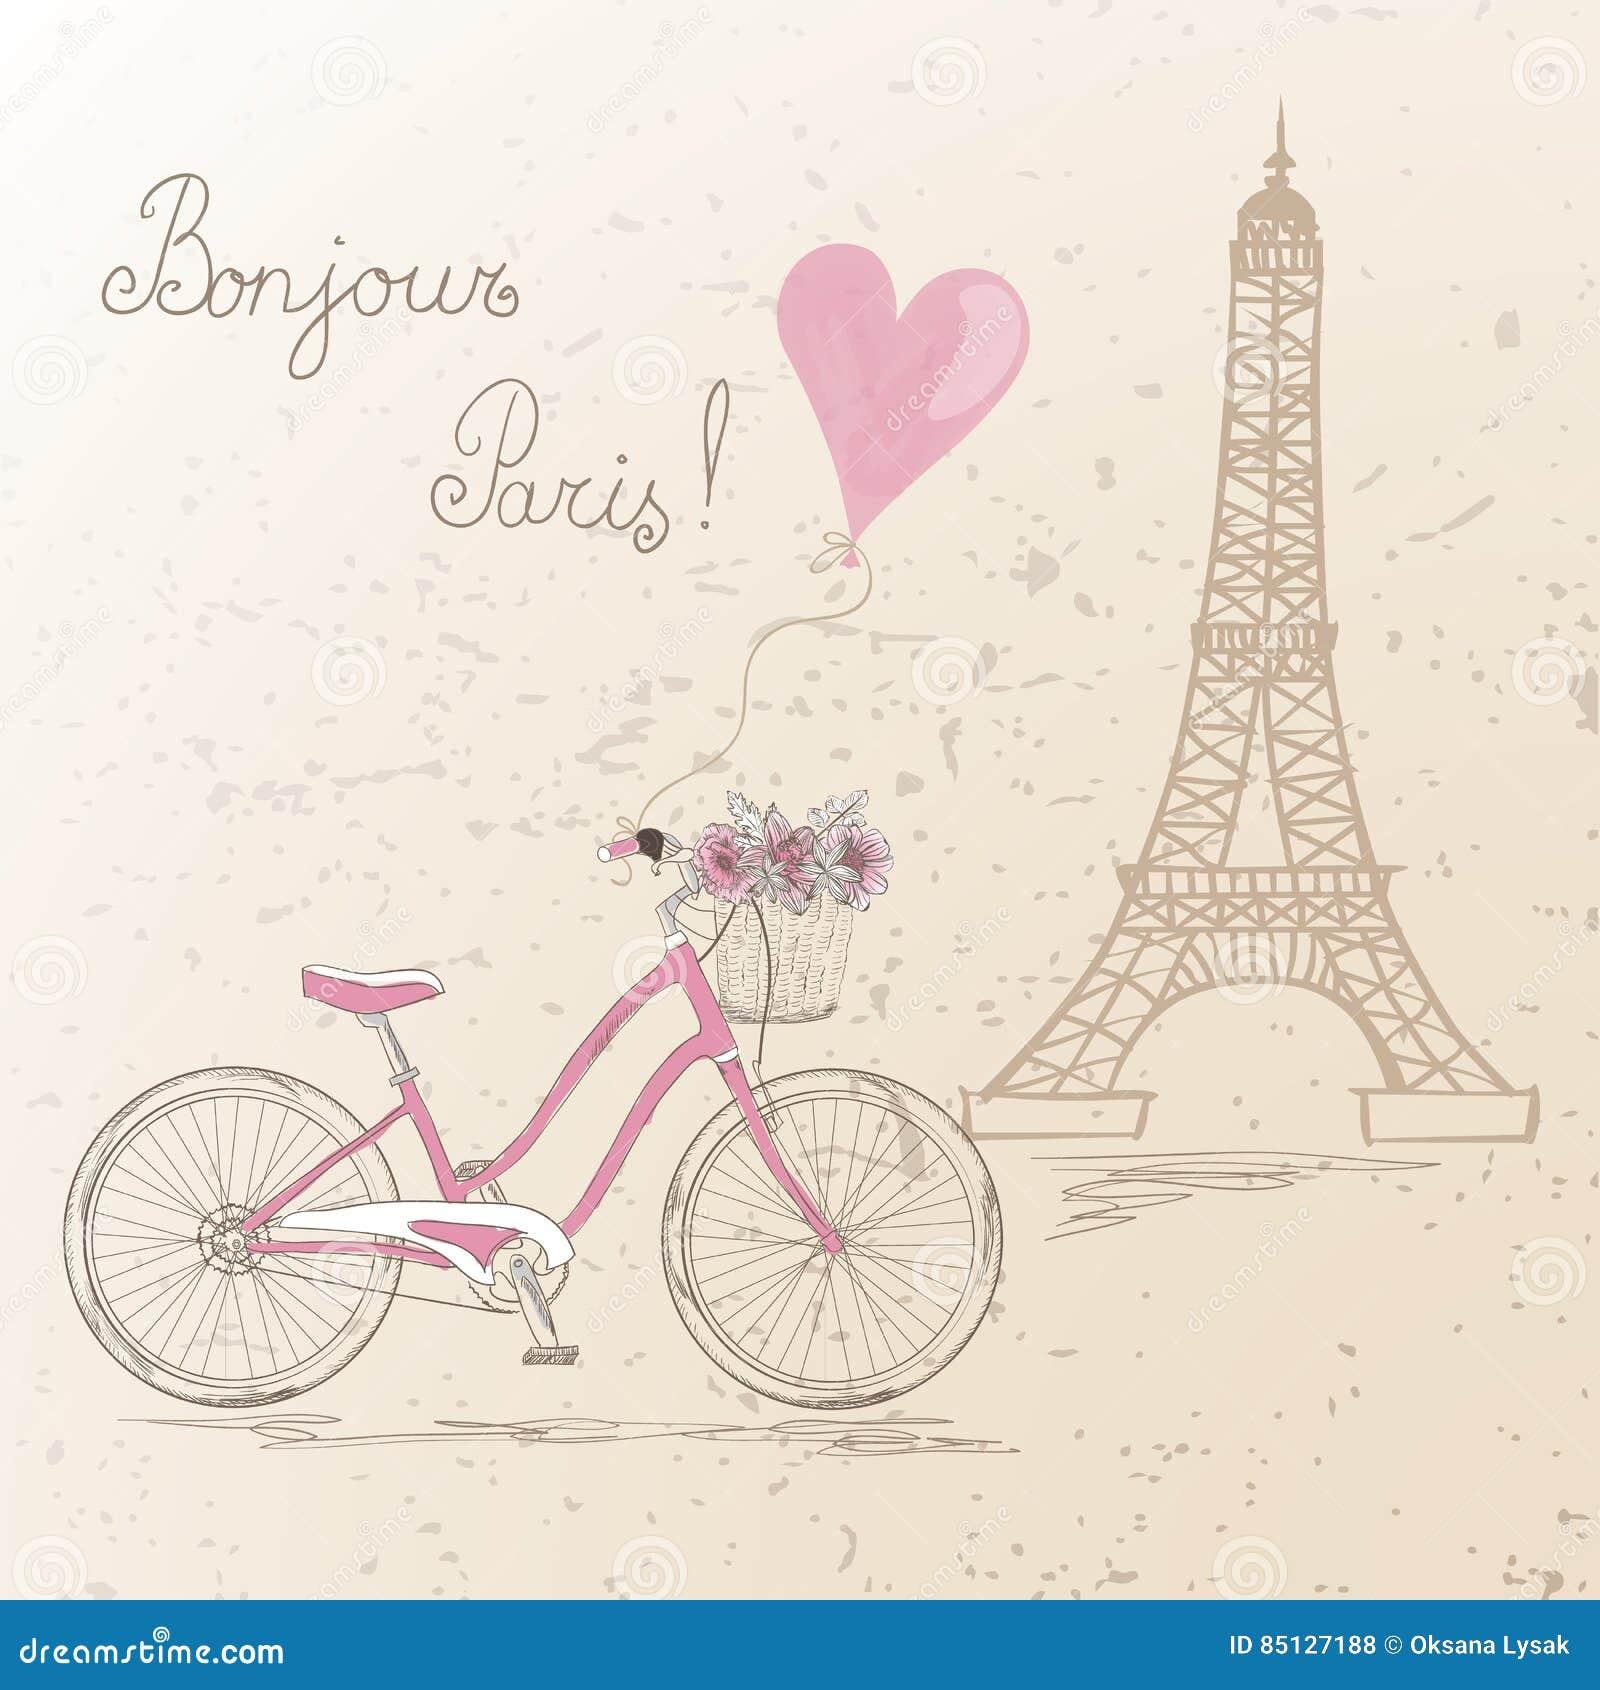 Fahren Sie mit einem Korb rad, der von den Blumen auf dem Hintergrund Eiffelturm in Paris voll ist